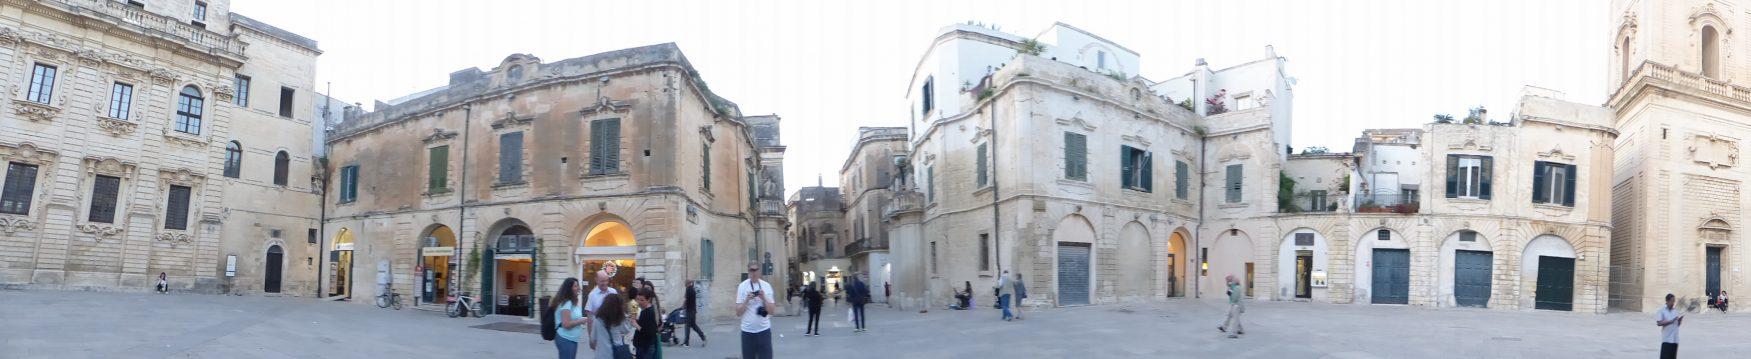 Den barocken Festssaal der Stadt bildet die Piazza Duomo Foto: Kärstin Weirauch